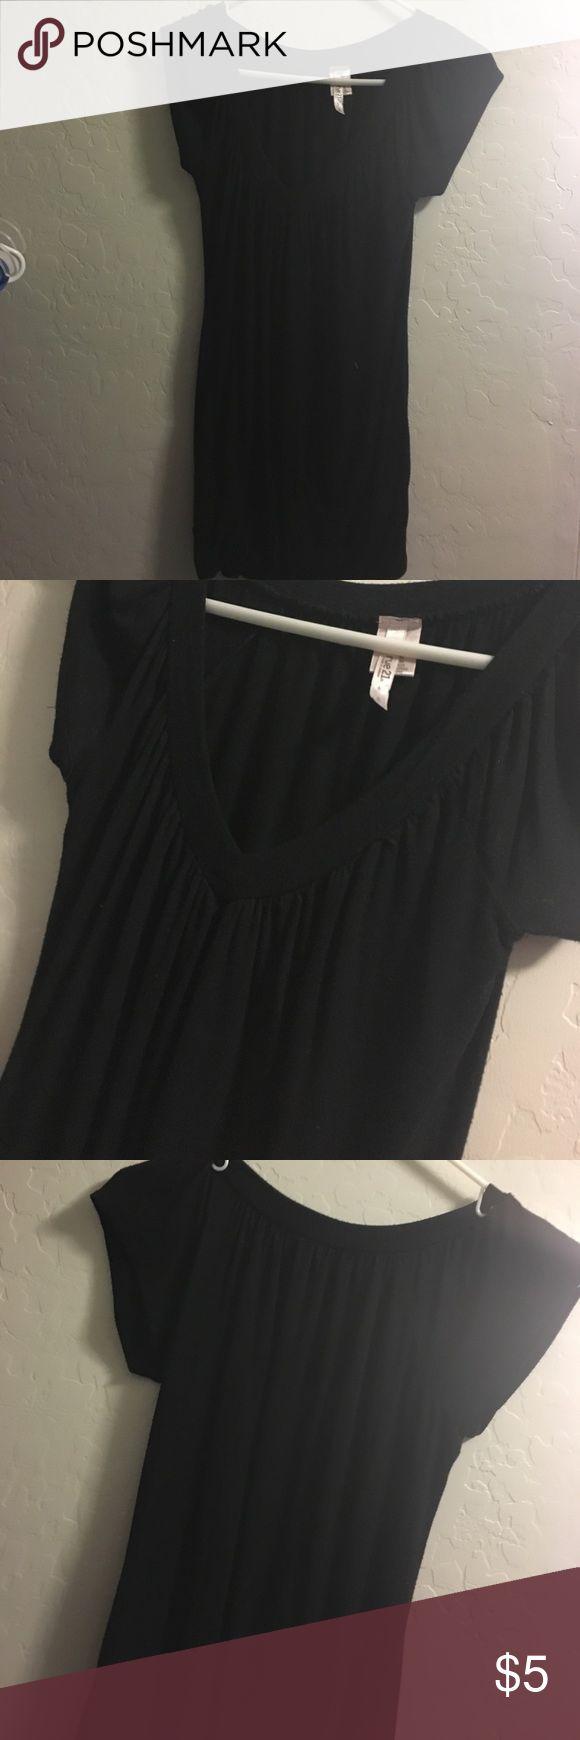 Black dressy top Black scrunchy but tighter at bottom, v neck short sleeve. Rue 21 Tops Tees - Short Sleeve